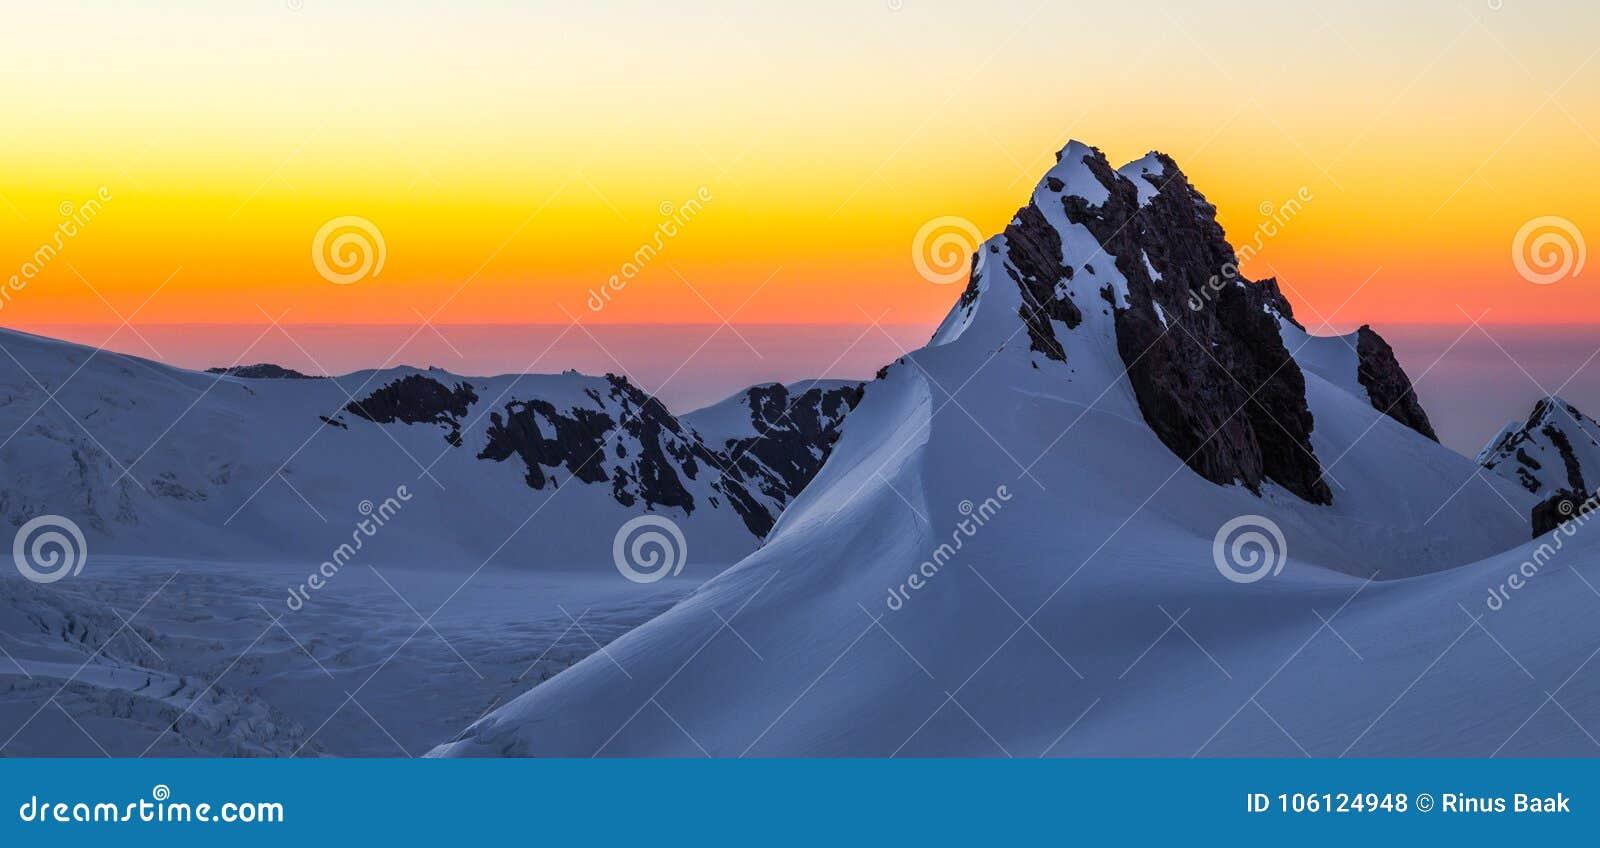 Fox冰川日落